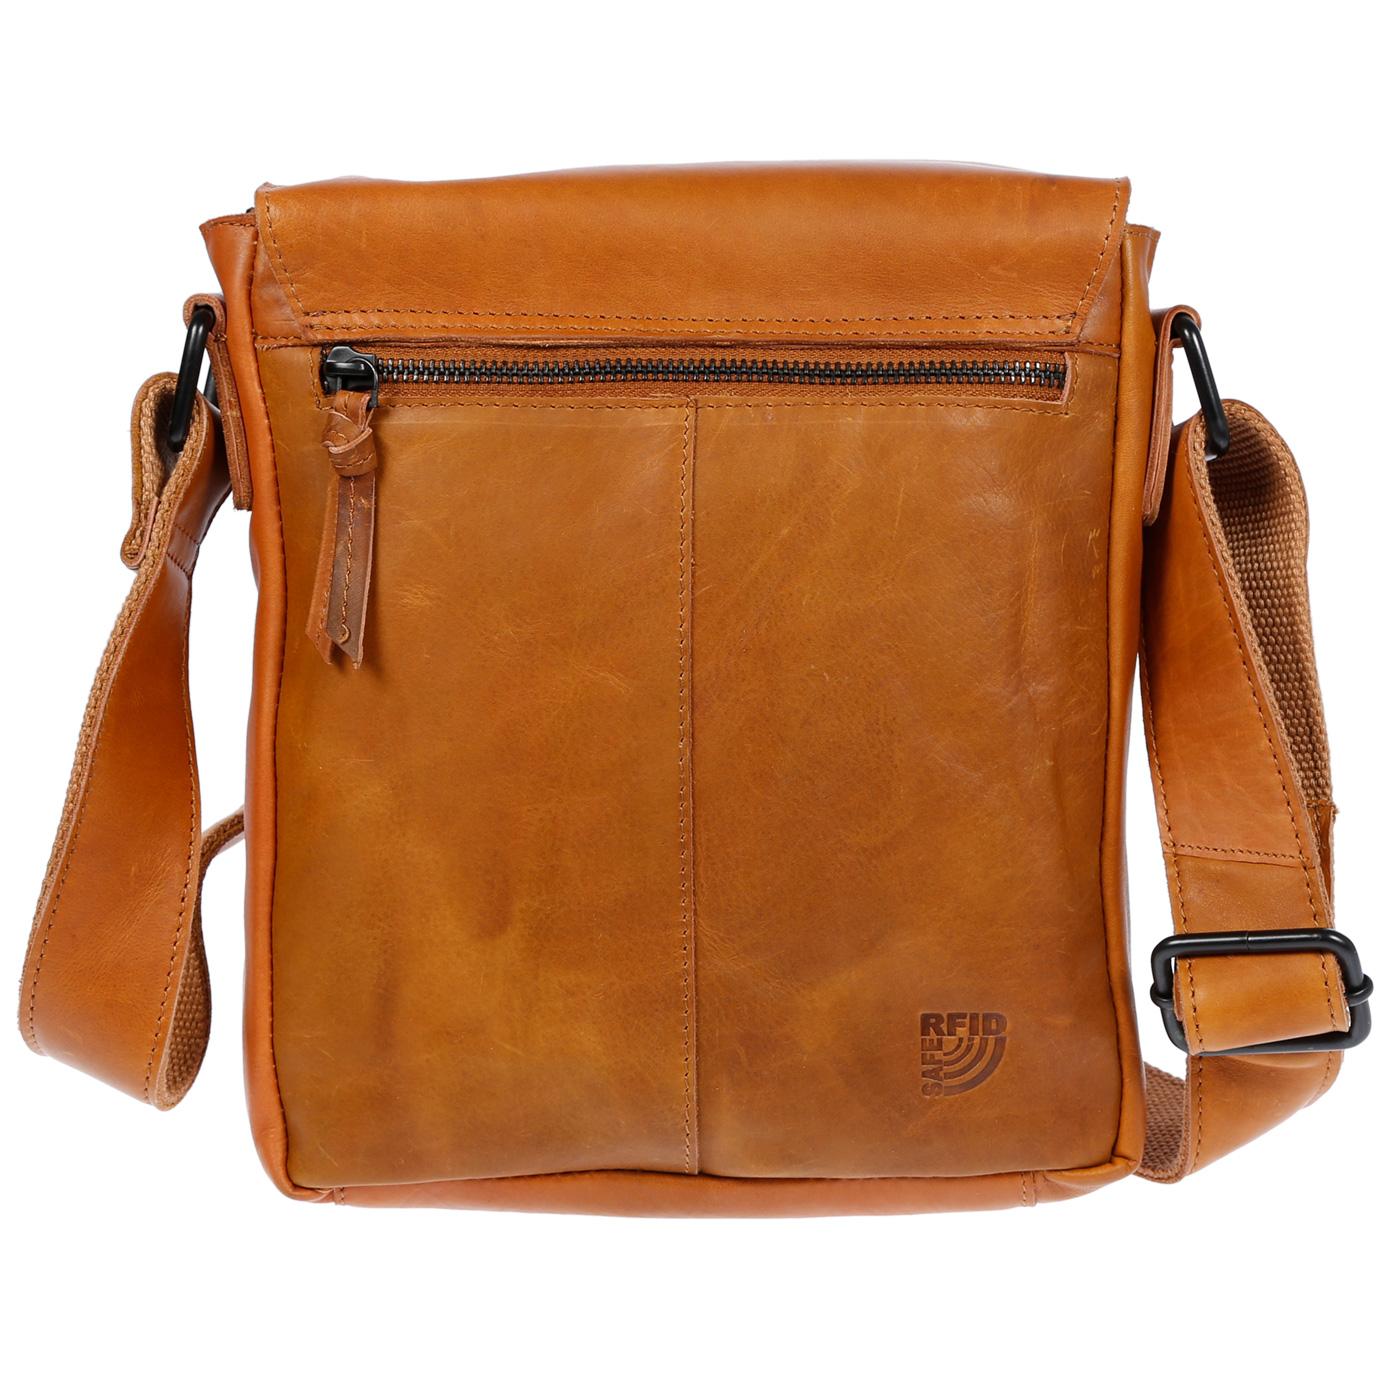 Echt-Leder-Herren-Damen-Umhaengetasche-Tasche-RFID-Schutz-Schultertasche-Umhaenger Indexbild 30